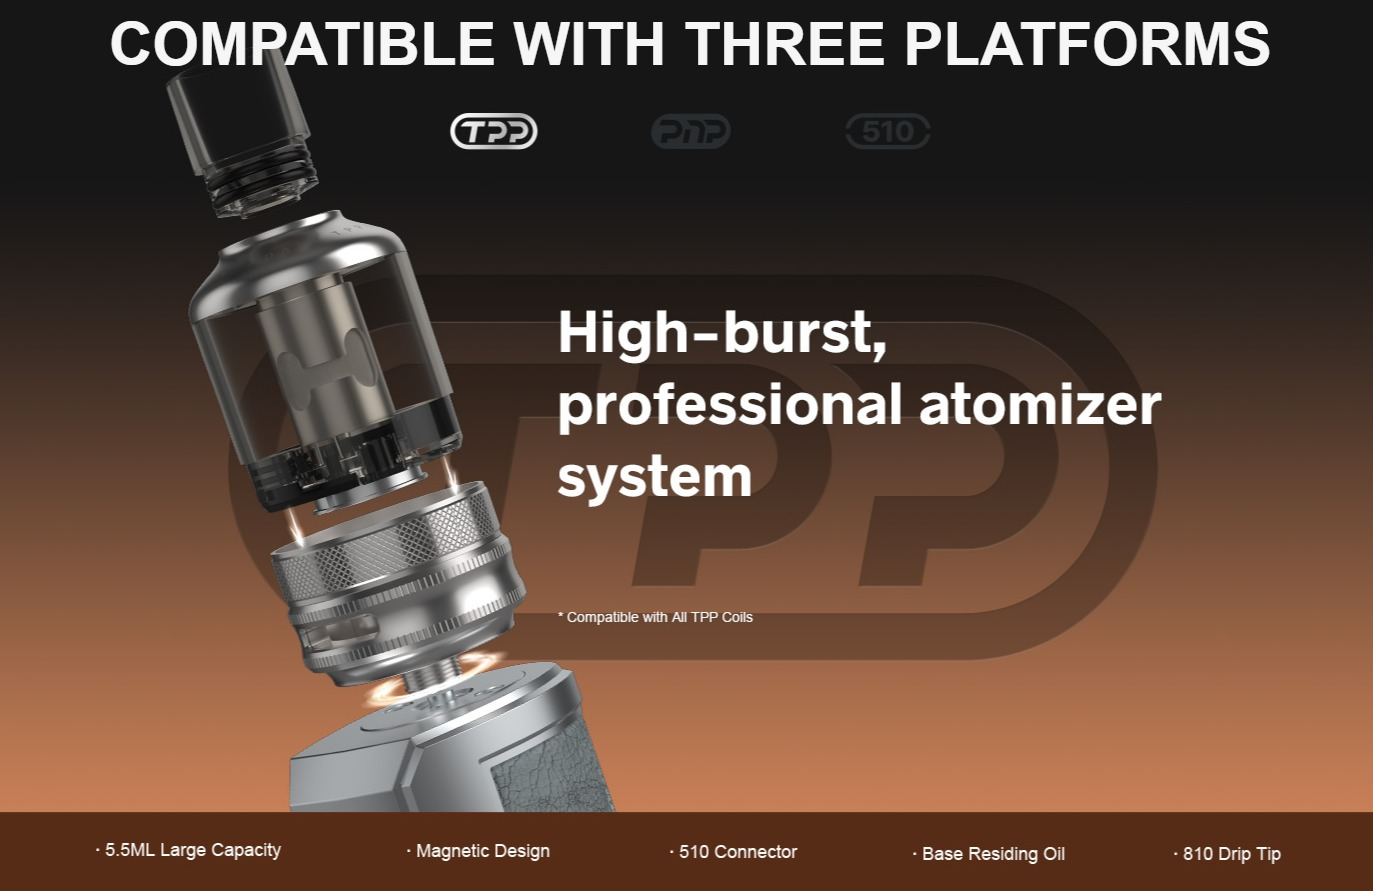 DRAG X Plus Compatible with TPP Platform